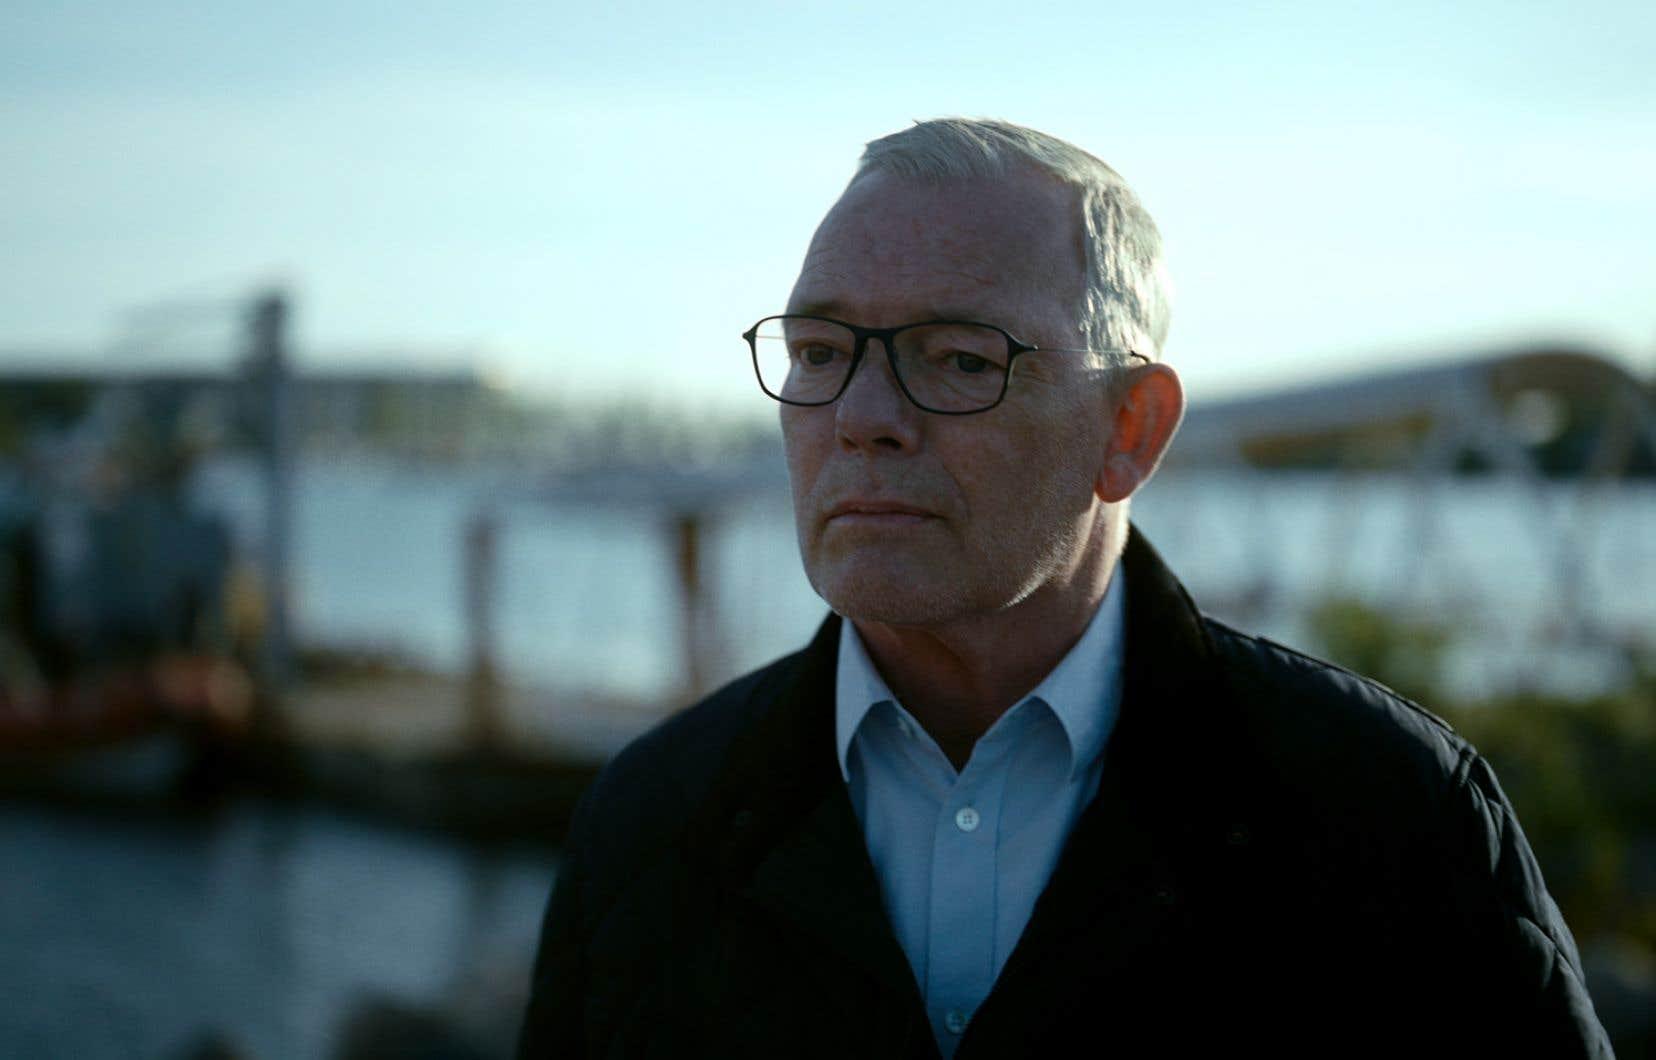 L'inspecteur Jens Møller, chef de la section des homicides de Copenhague, est interprété par Søren Malling.